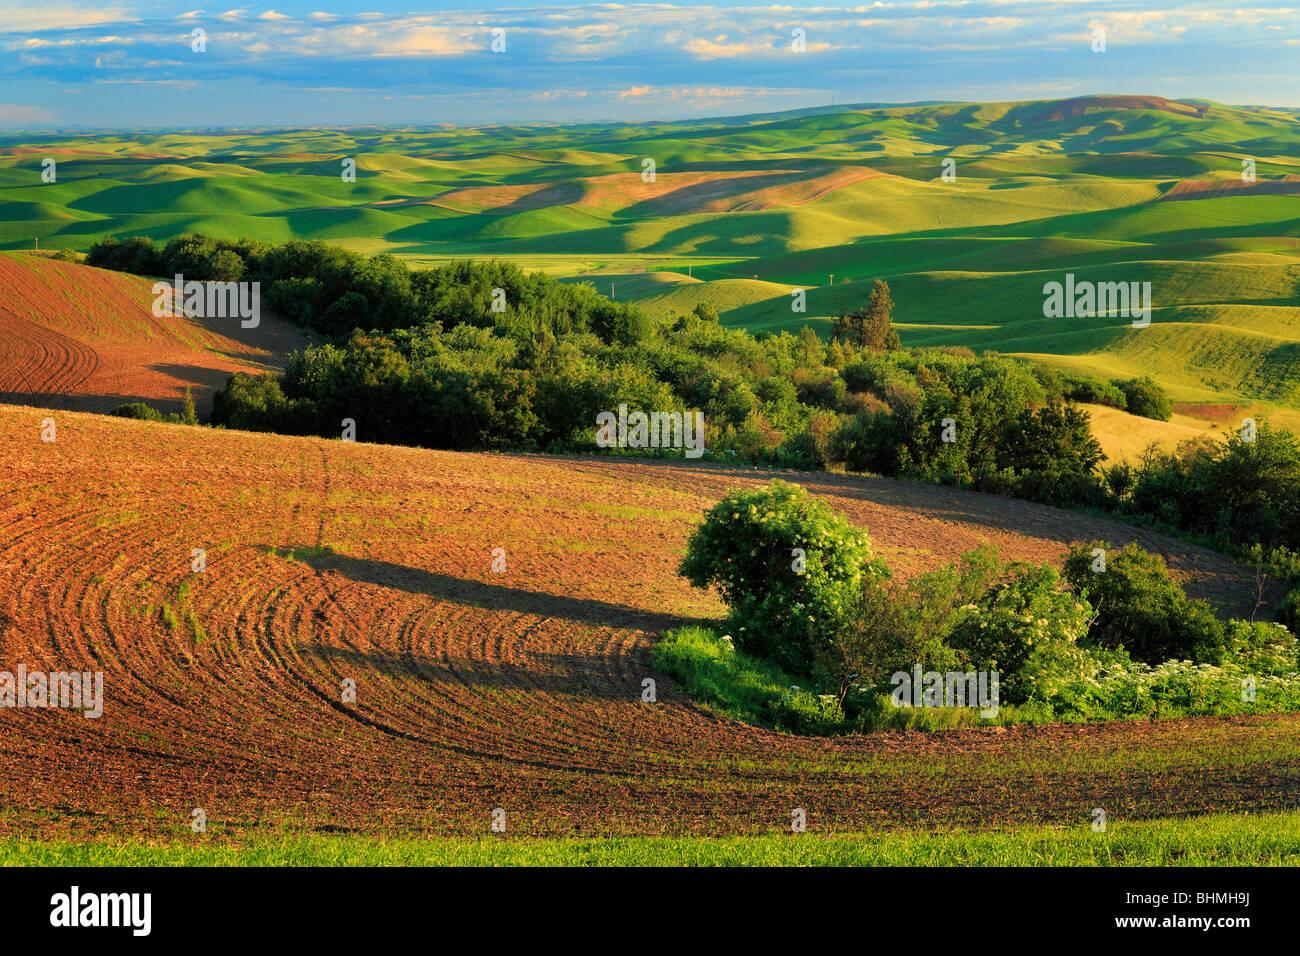 Bauernhof-Felder von Steptoe Butte in der Palouse Region der östlichen US-Bundesstaat Washington Stockbild